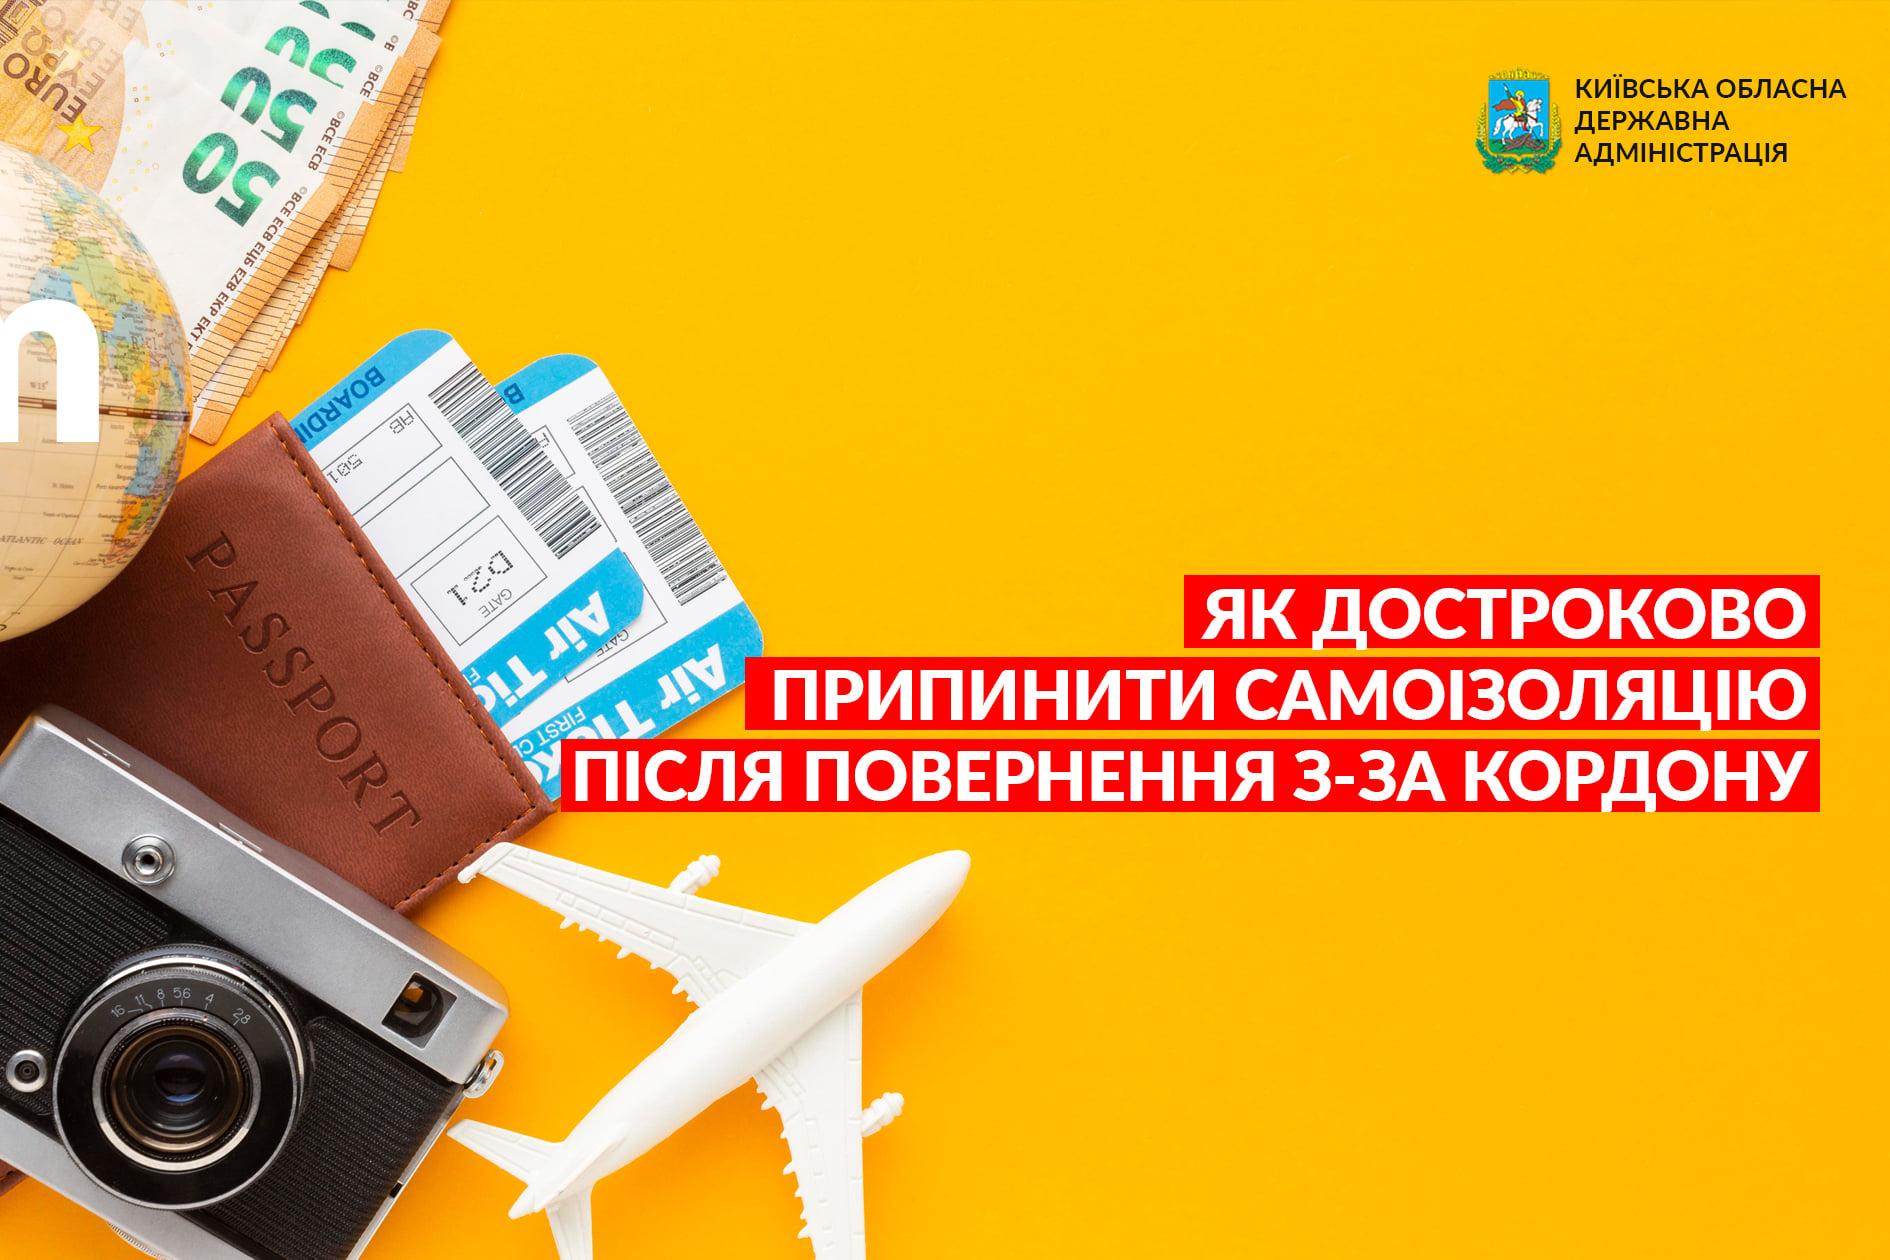 У яких лабораторіях можна зробити ПЛР-тестування жителям Київщини, які повернулися з-за кордону - подорож, ПЛР-тести, кордон - 138331496 2449088045399329 3207716307642692688 o